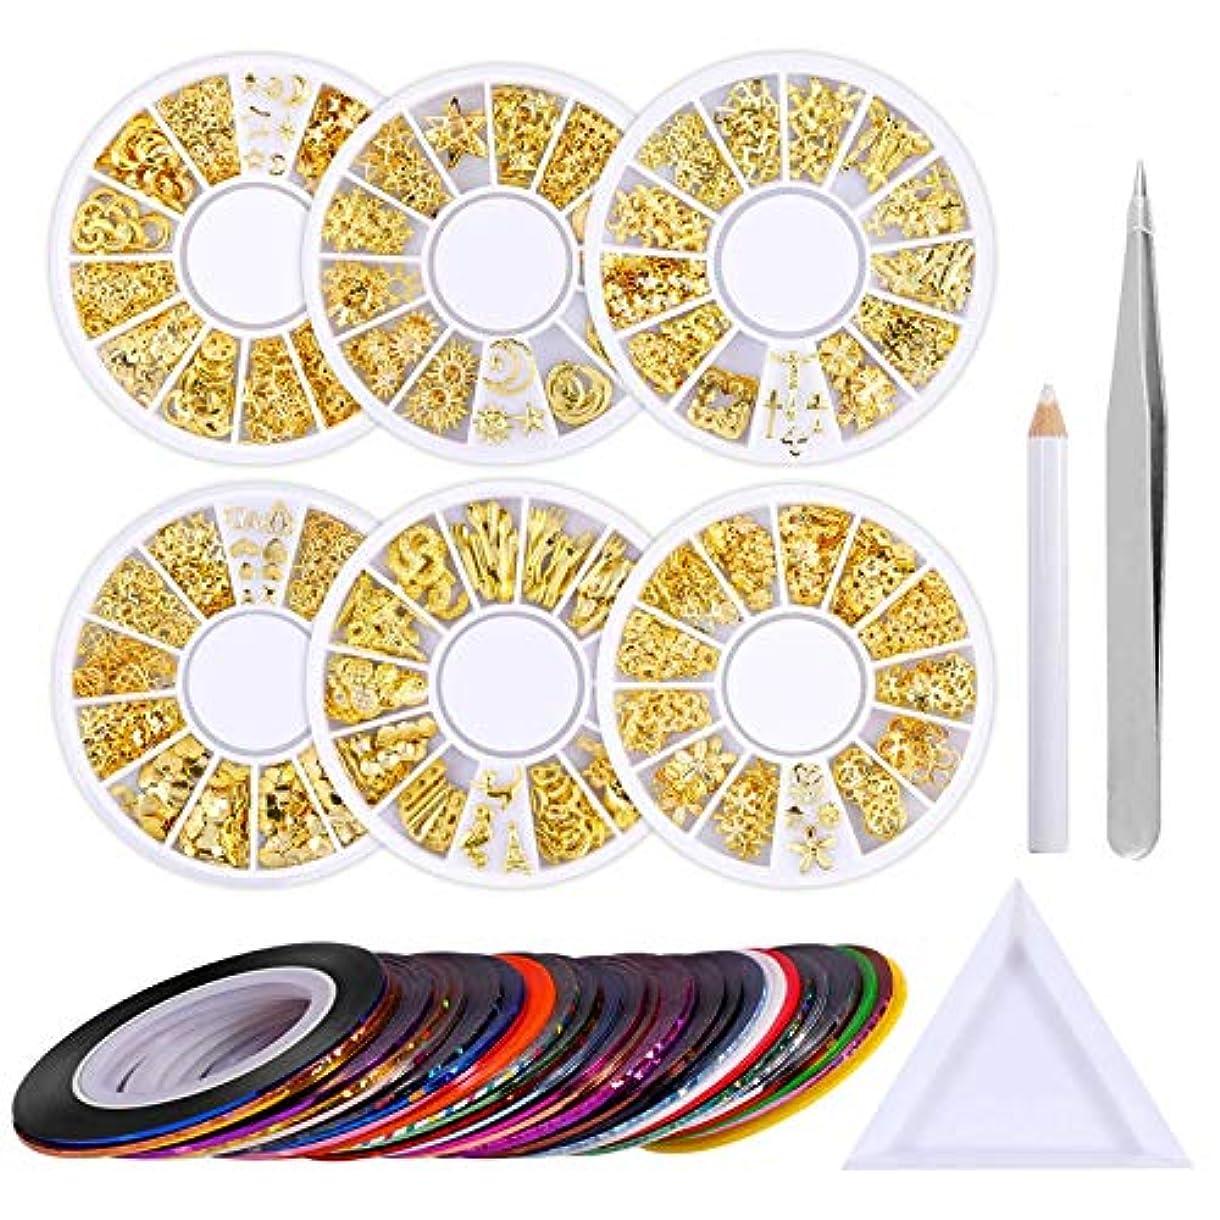 概念麦芽起点3Dネイルアートデコレーションブリオン ネイルデザイン ミックス日式パーツ シルバー&ゴールド 精選6種ラウンドケースセットピンセット付工具